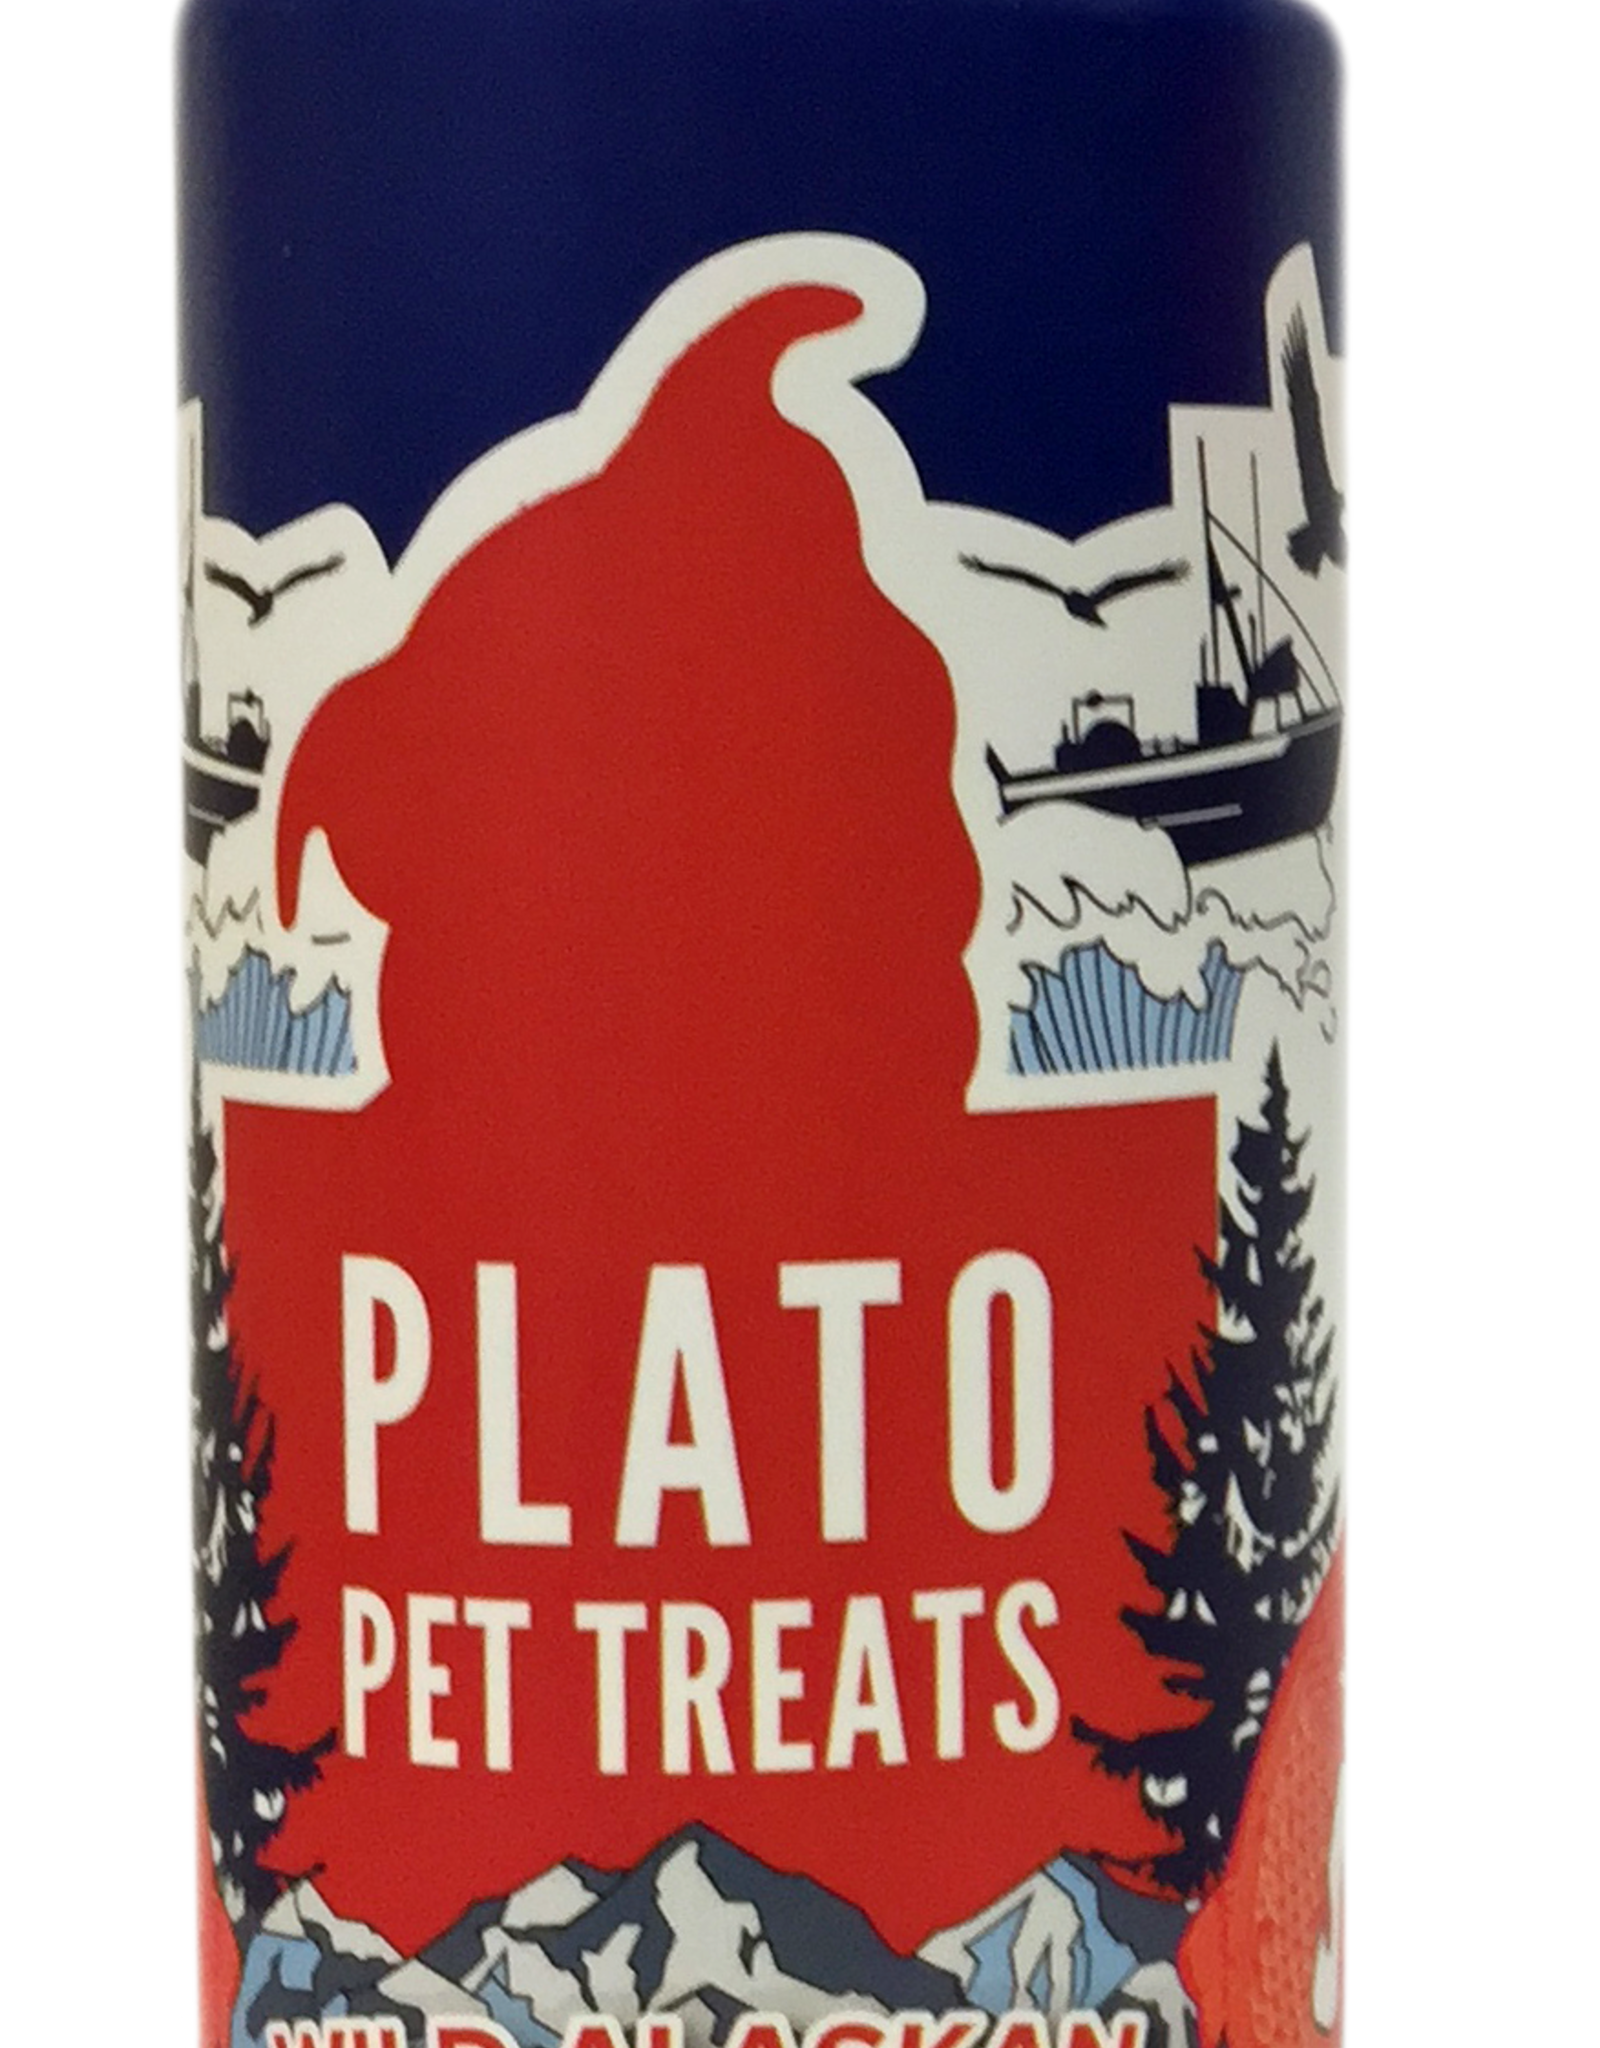 KDR PET TREATS PLATO WILD ALASKA SALMON OIL 32OZ